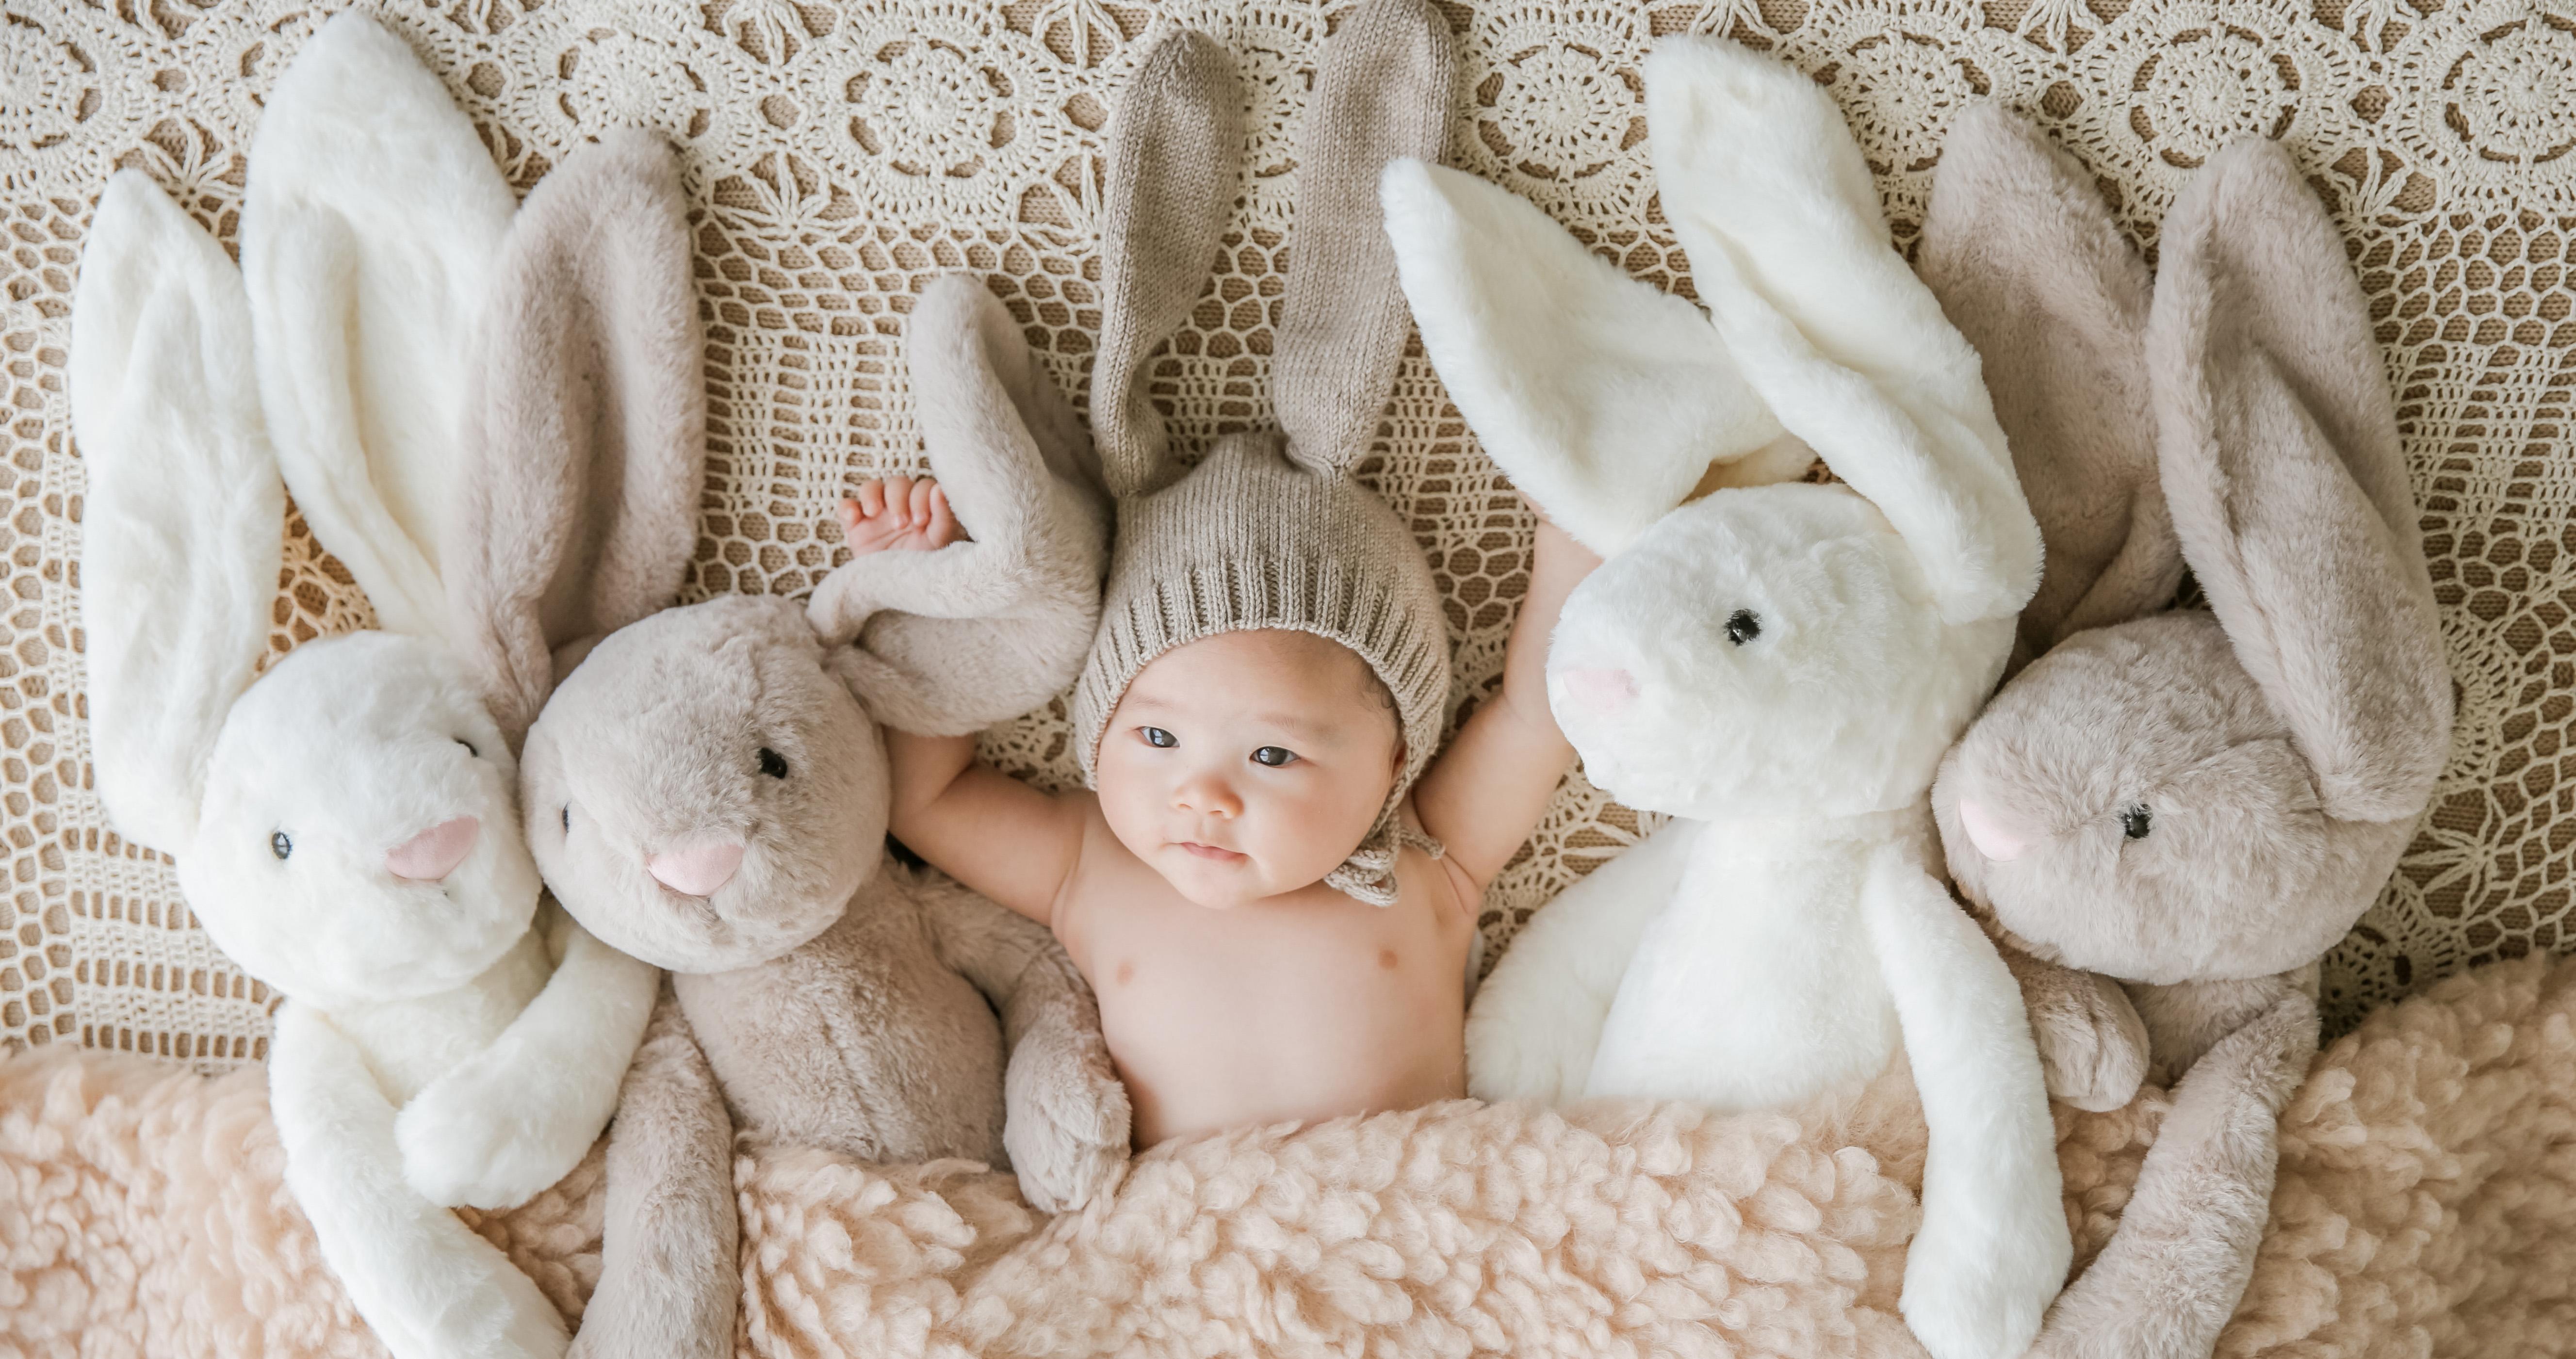 チルフォトグラフィー,Chill Photography,赤ちゃん撮影,ベビーフォト